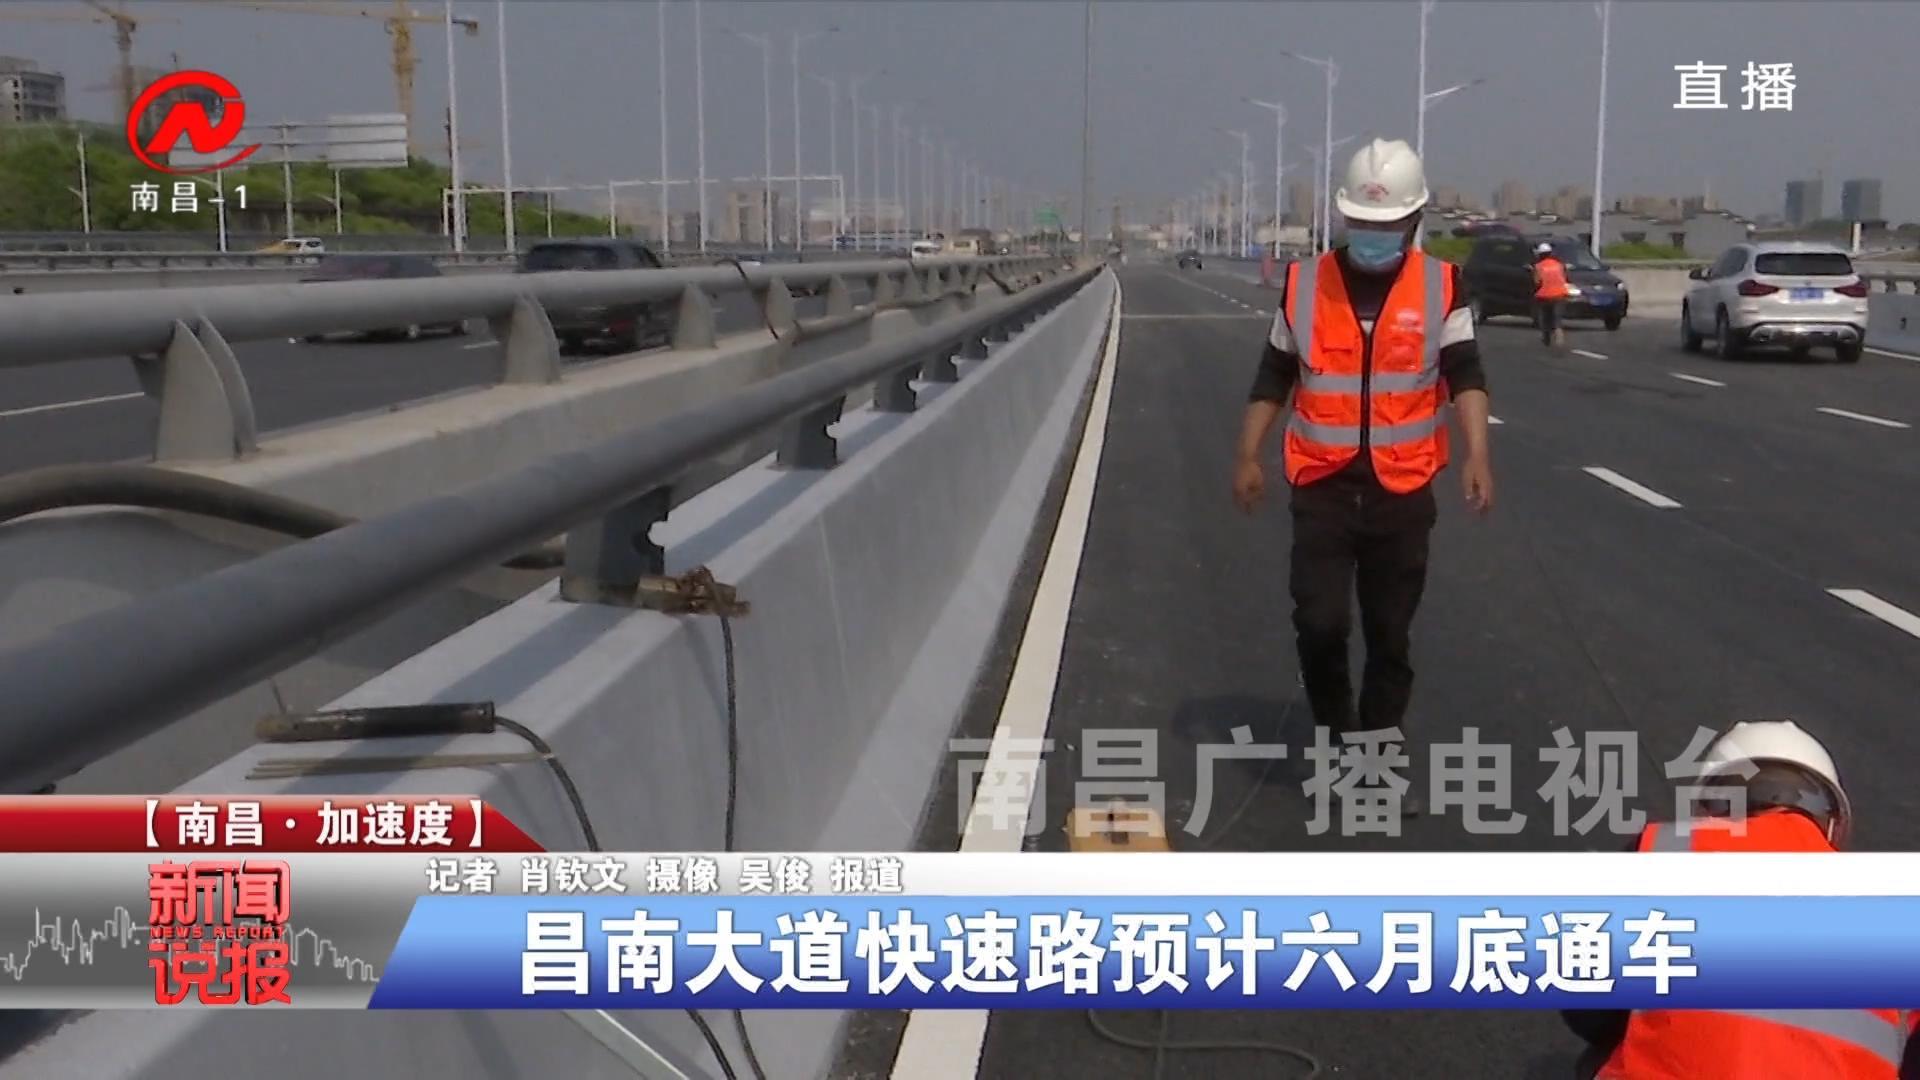 昌南大道快速路预计六月底通车